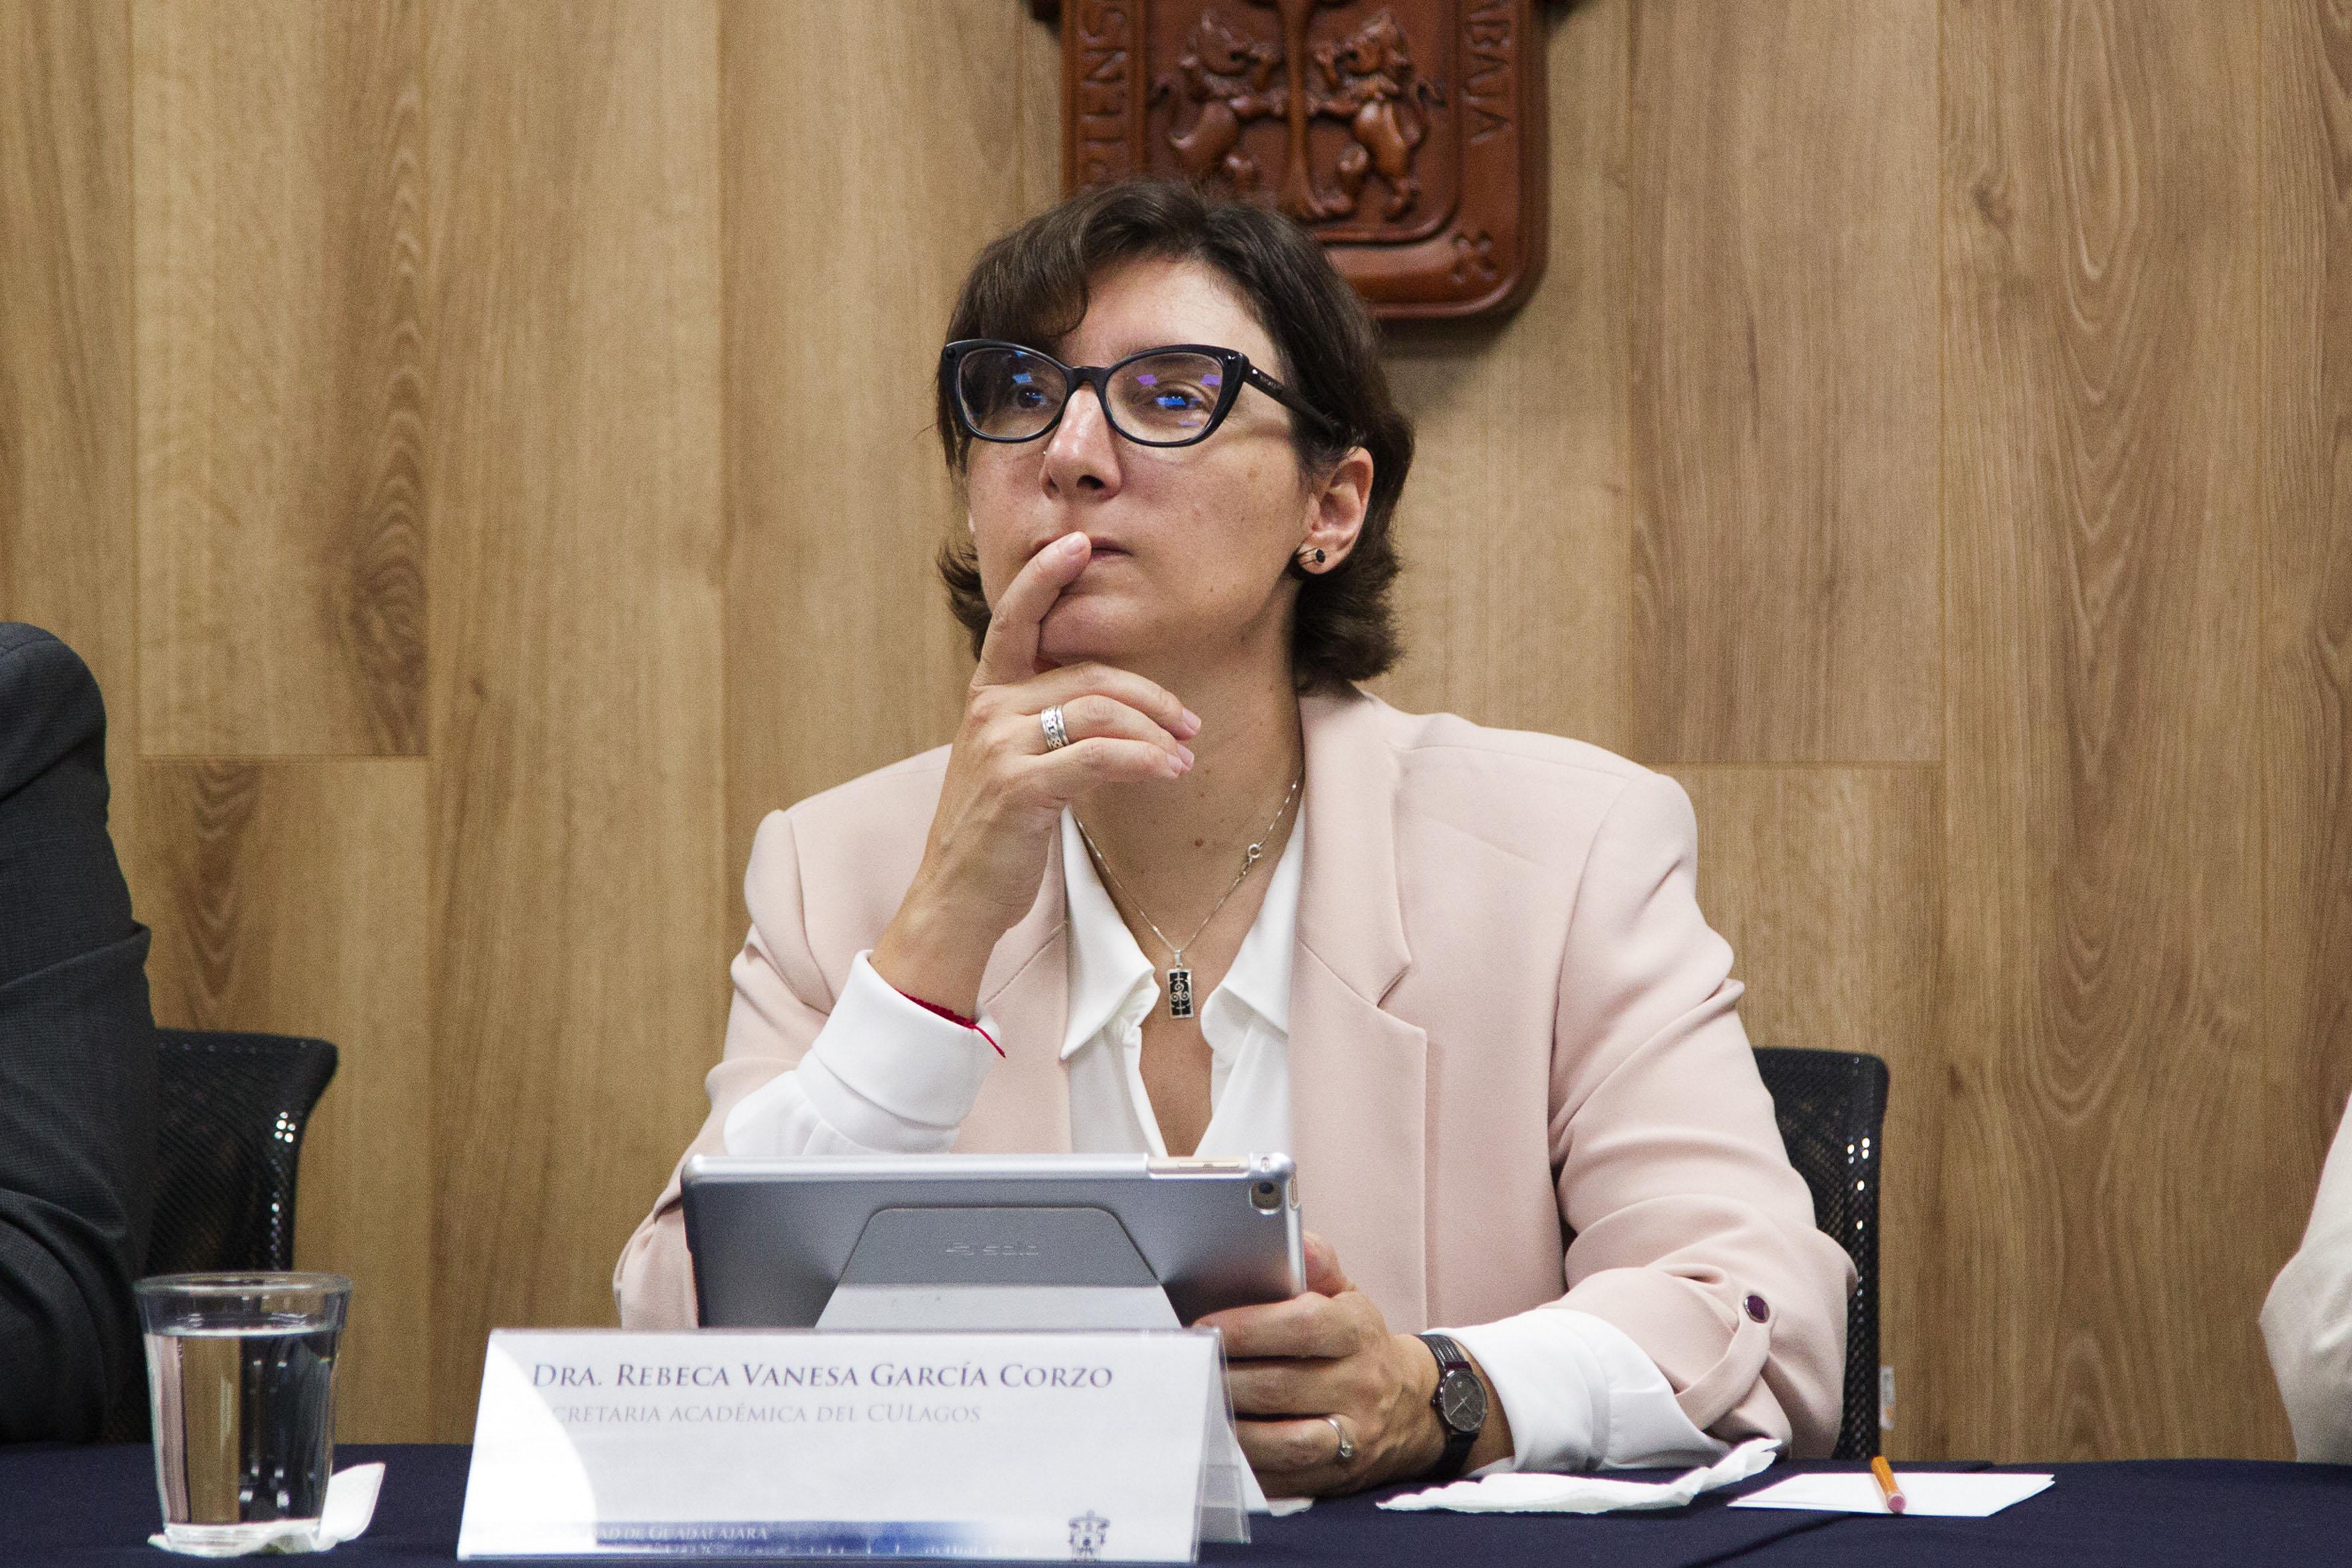 Dra Vanesa García Corzo, secretaria académica del centro, en representación del Rector, doctor Aristarco Regalado Pinedo